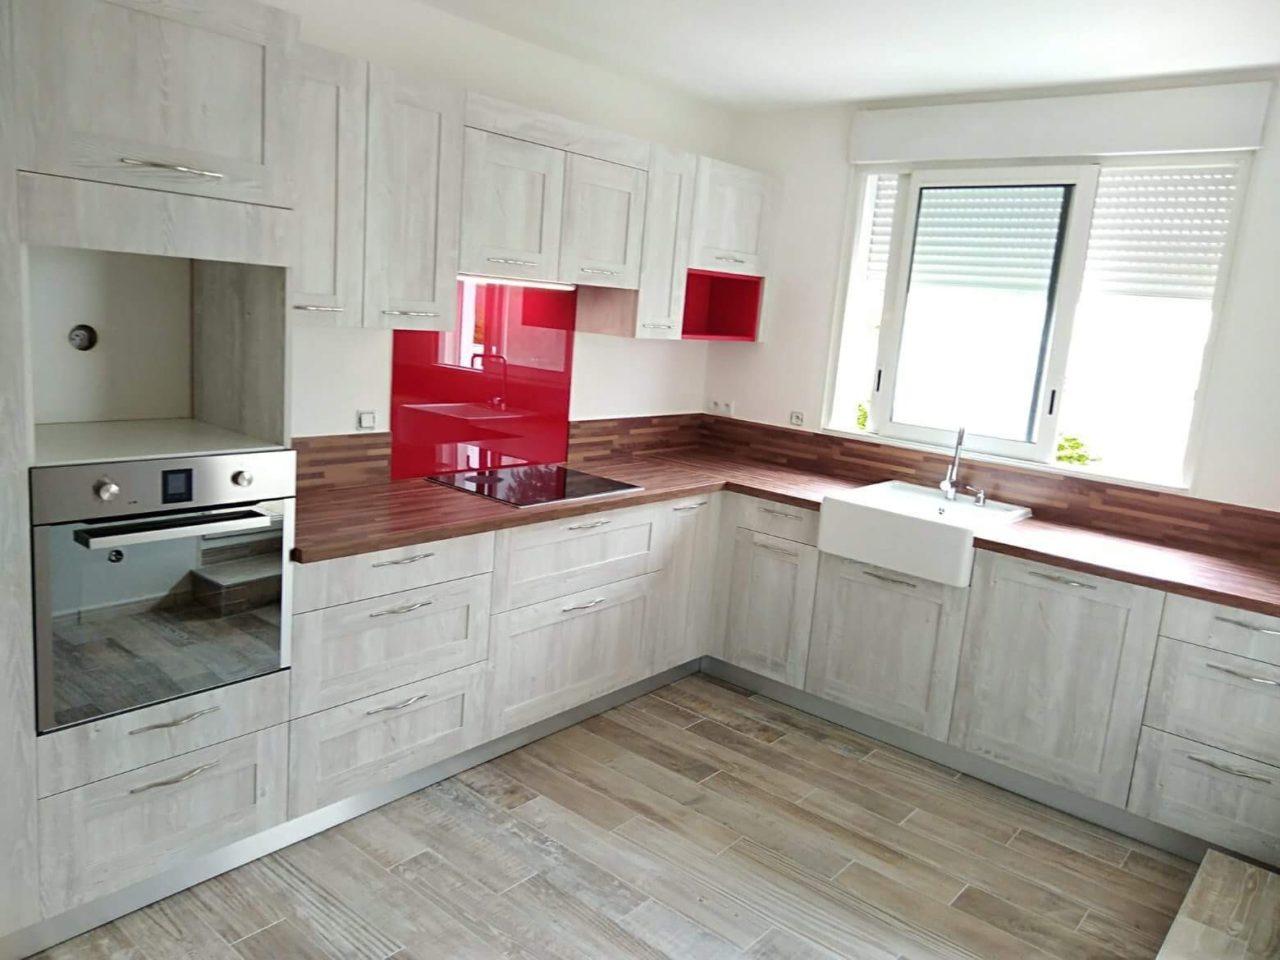 cuisine-wood-blanchi-plan-de-travail-imitation-bois-credence-verre-rouge